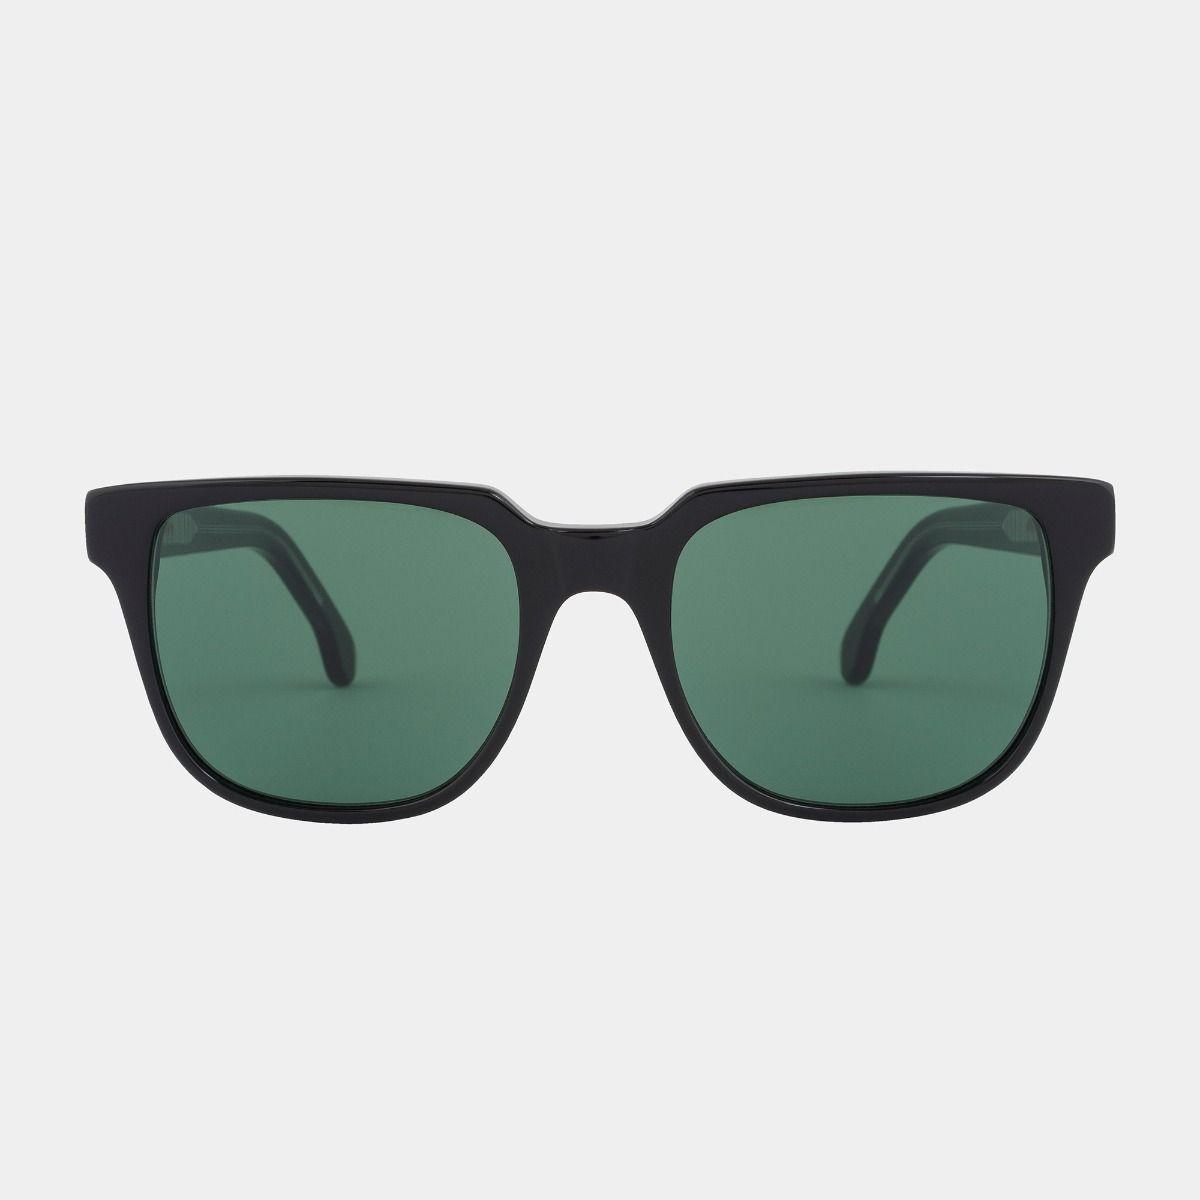 Paul Smith Aubrey D-Frame Sunglasses